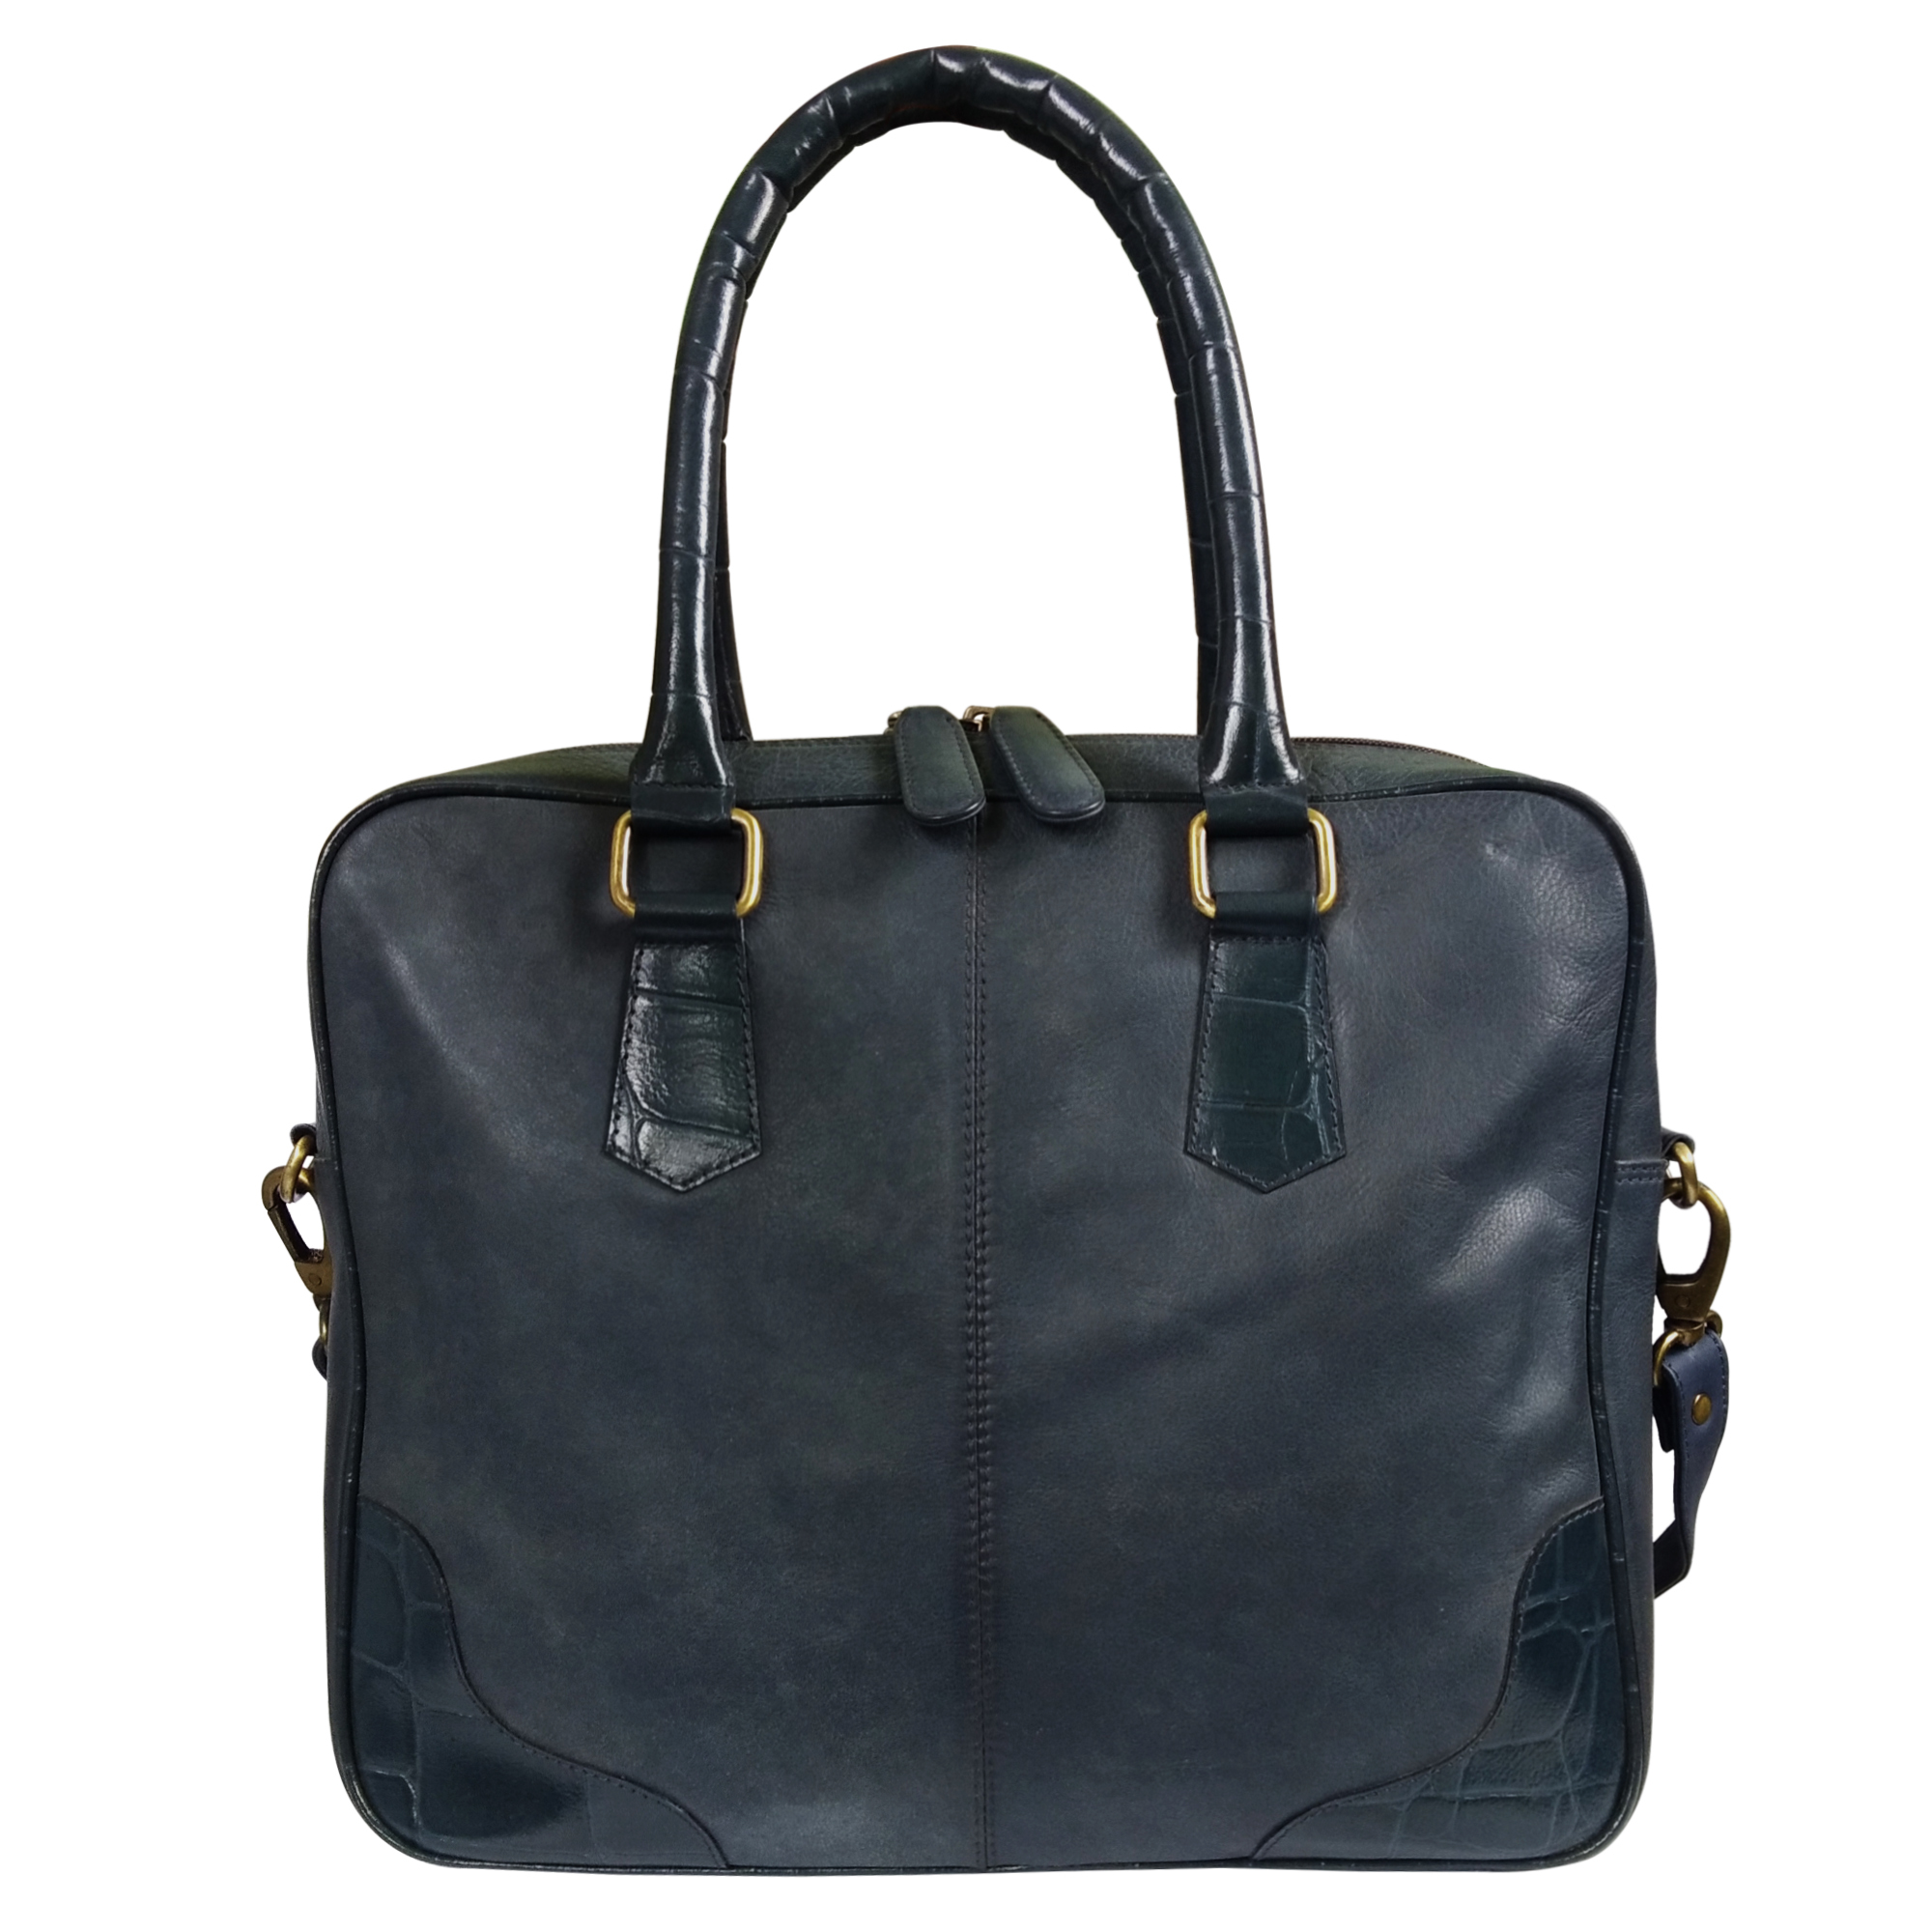 Leather I-Pad Office Bag Shoulder Handbag Women